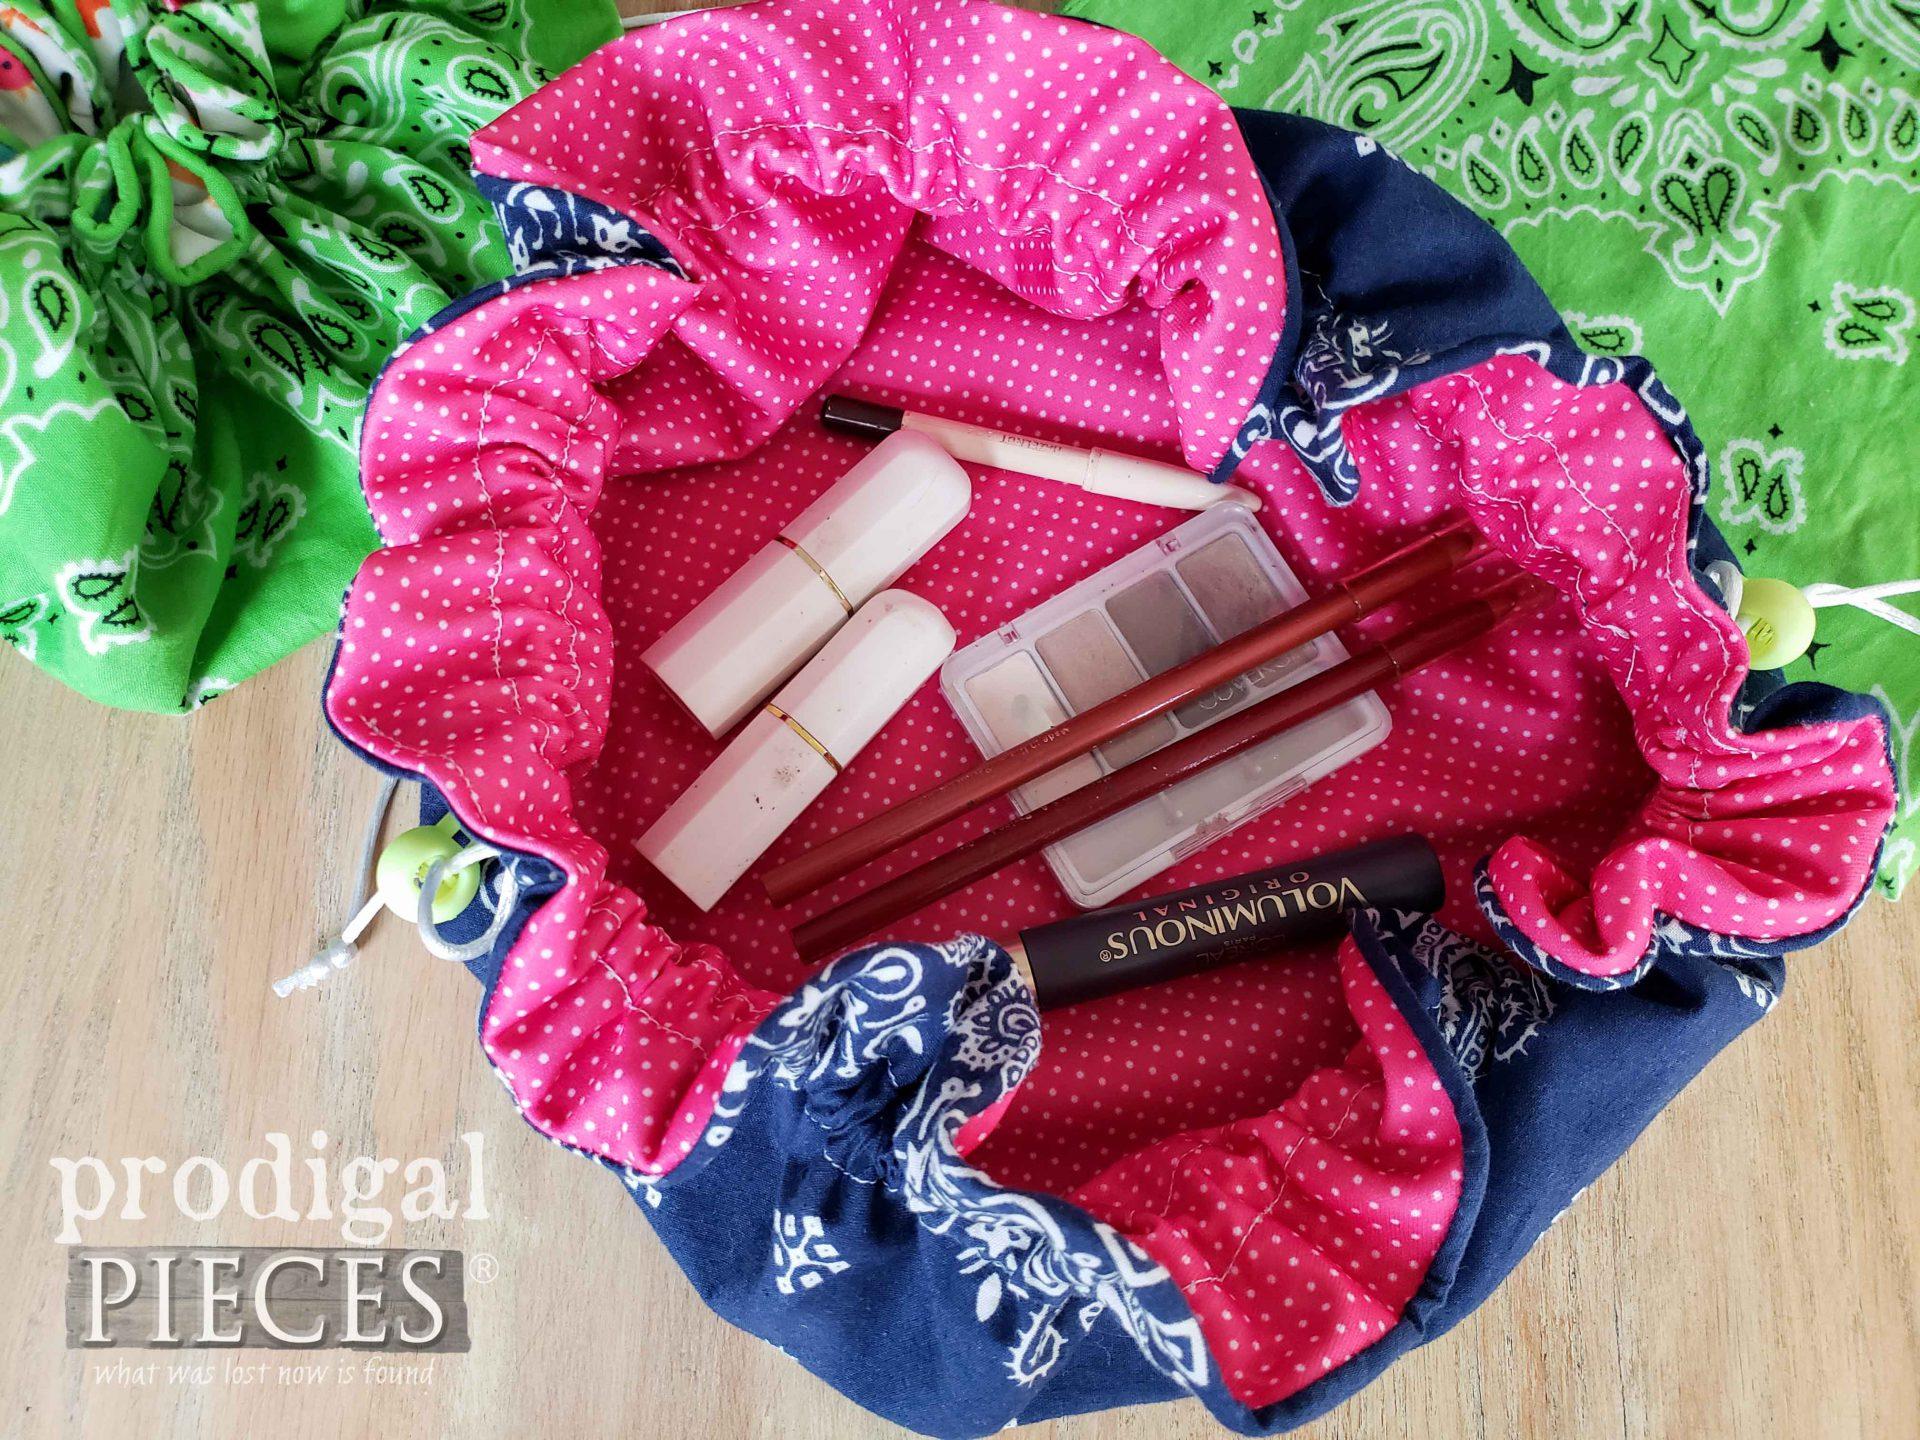 Handmade Makeup Bag DIY Video Tutorial by Larissa of Prodigal Pieces   prodigalpieces.com #prodigalpieces #diy #sewing #makeup #women